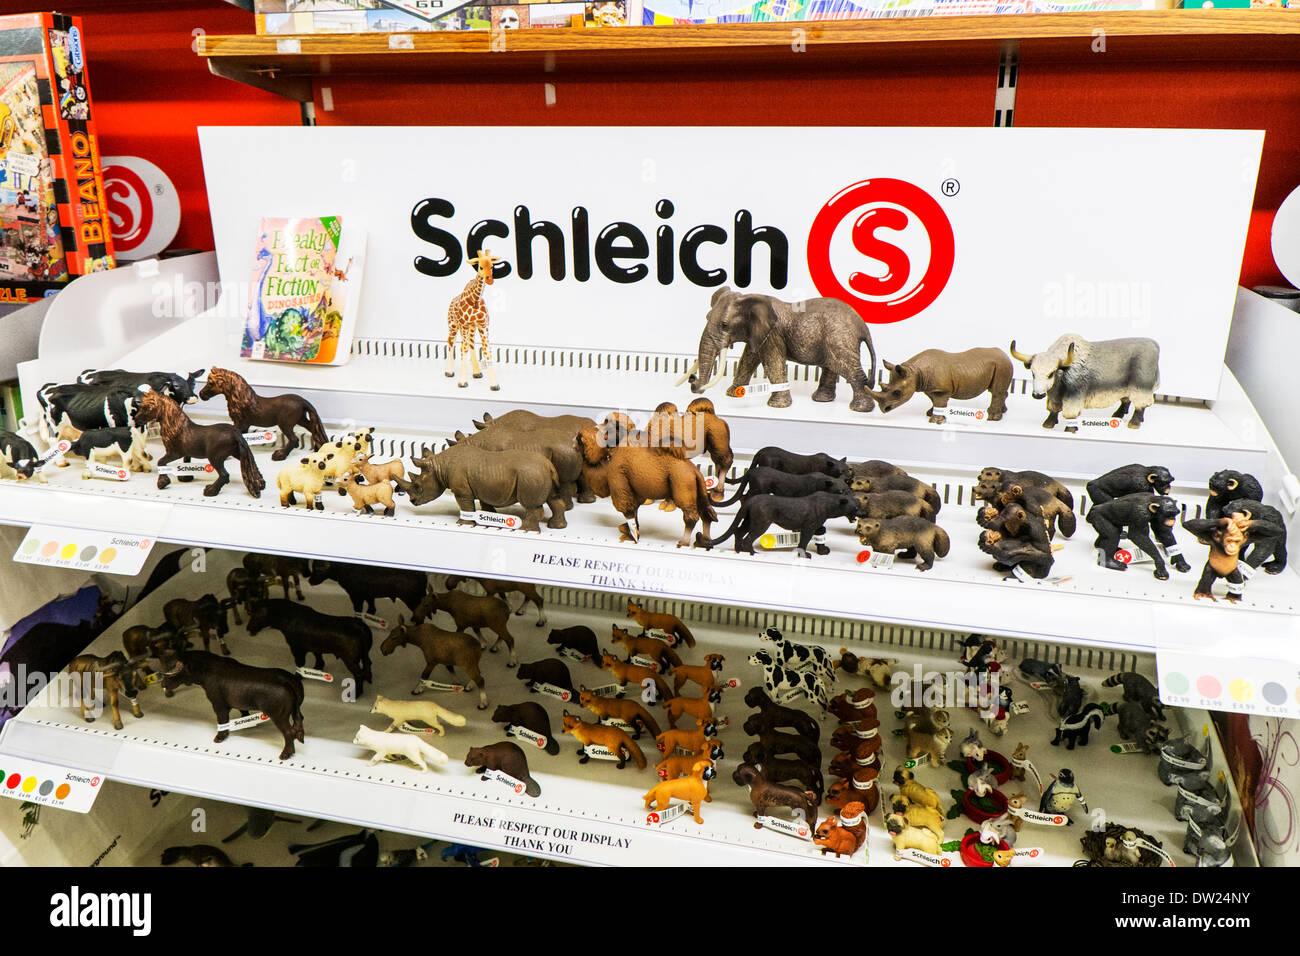 Animaux En Plastique Jouet animaux schleich jouets jouets figurines plastique stand